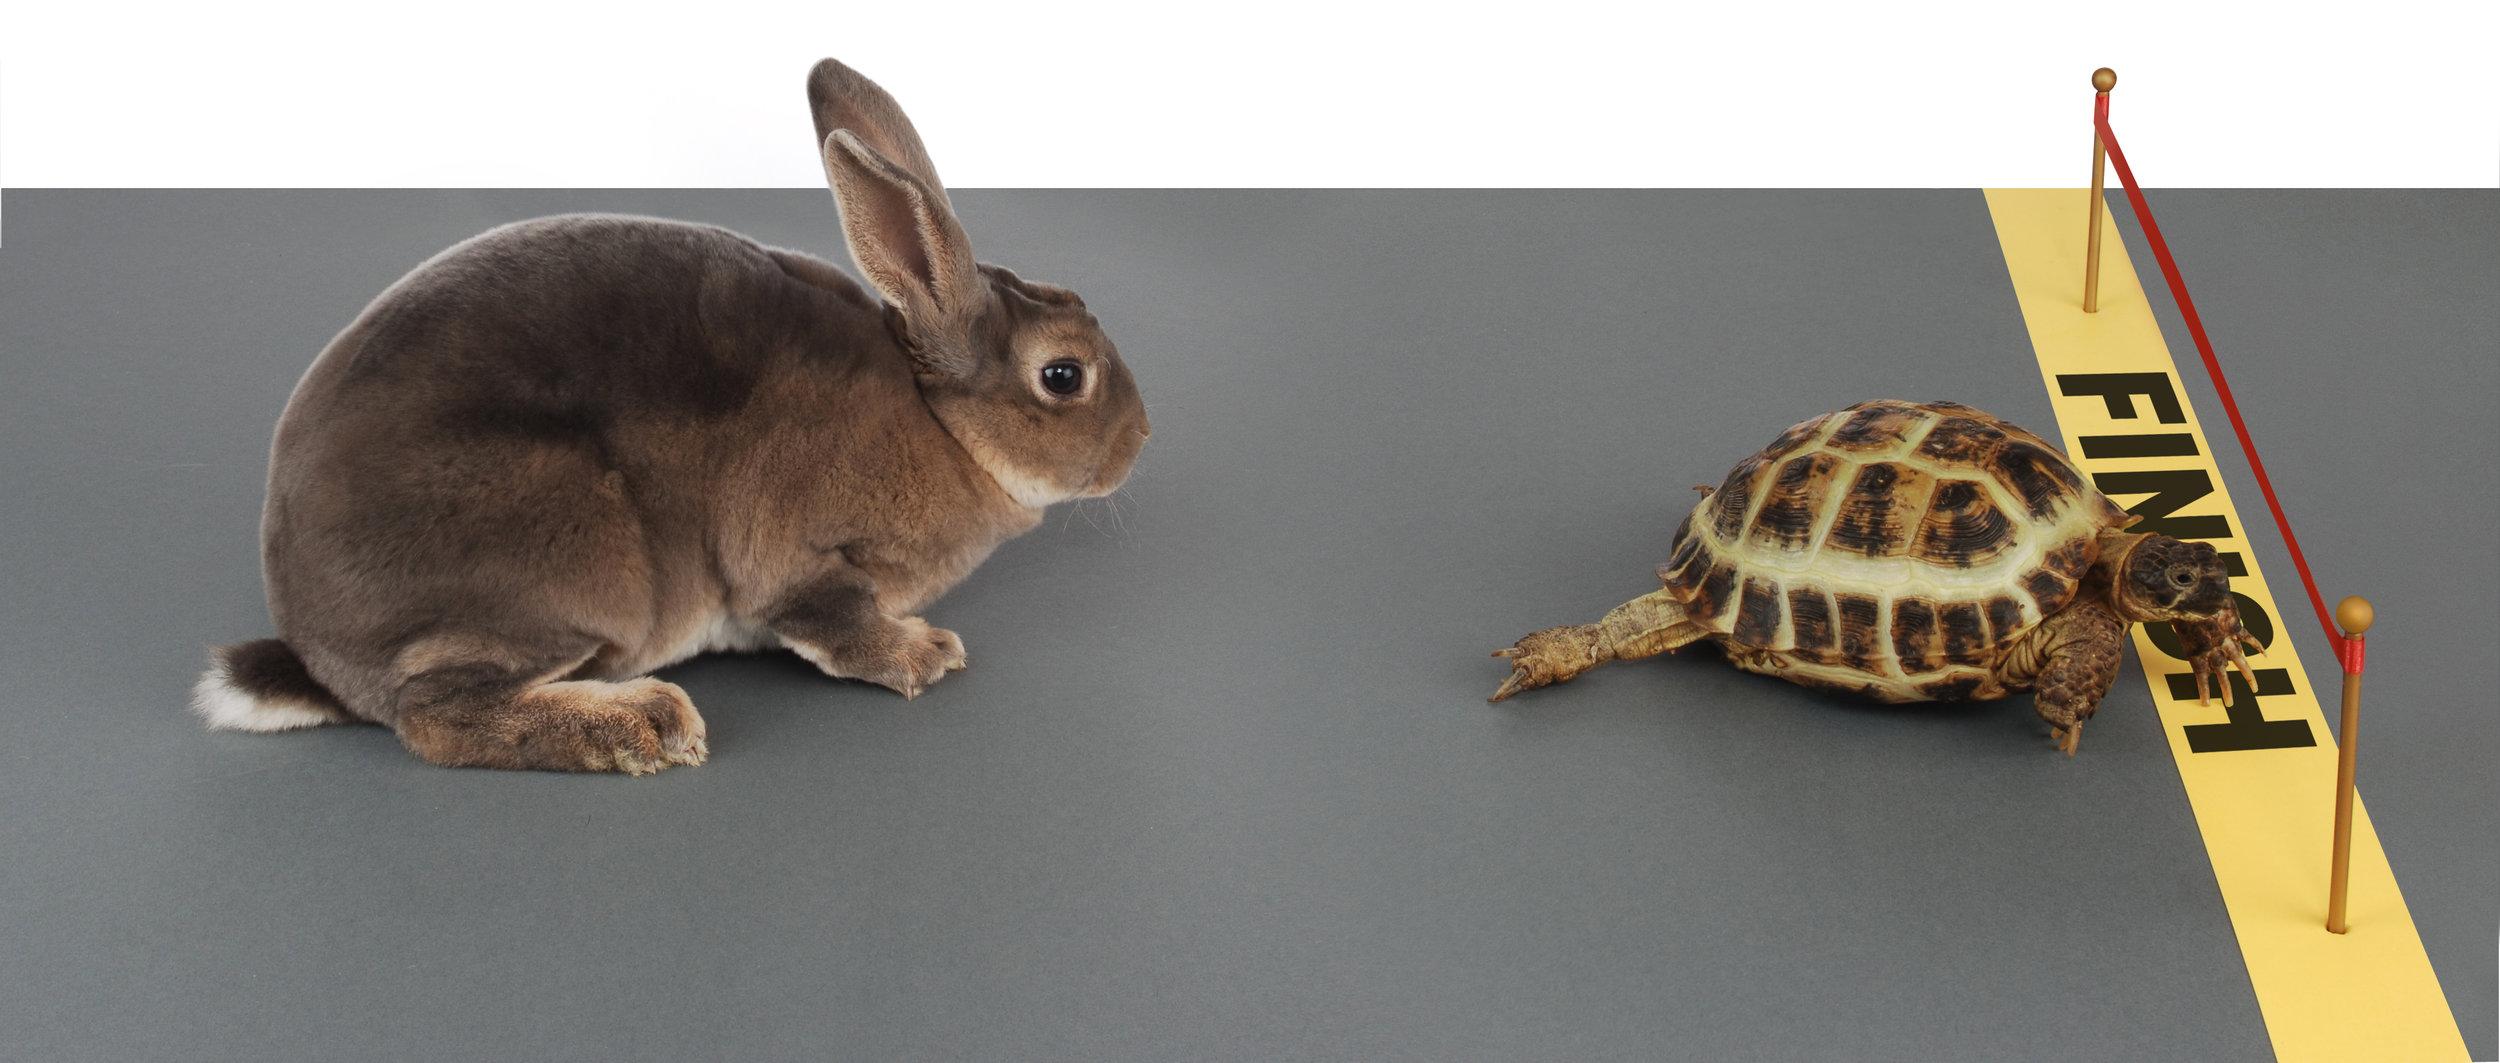 Tortoise and hare 1 shutterstock_2179251.jpg